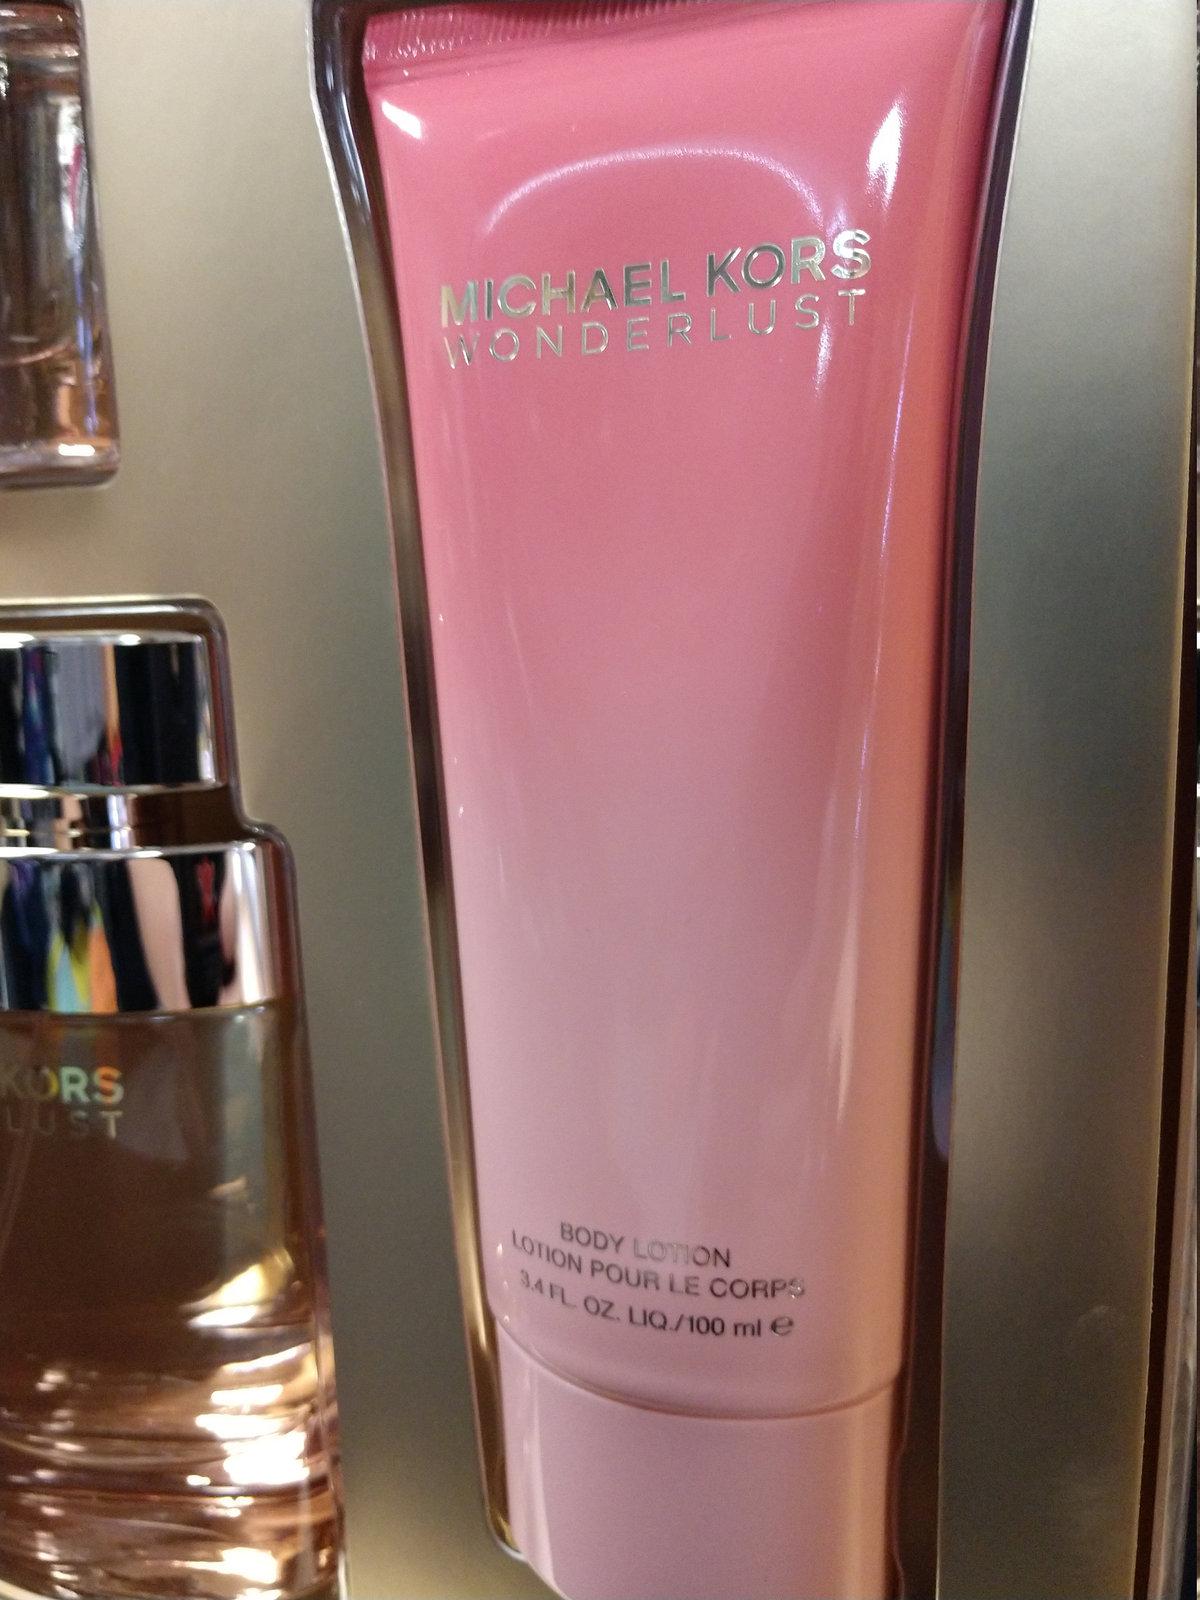 Michael Kors Womens  3-Pc. Wonderlust Deluxe Fragrance Perfume Gift Set